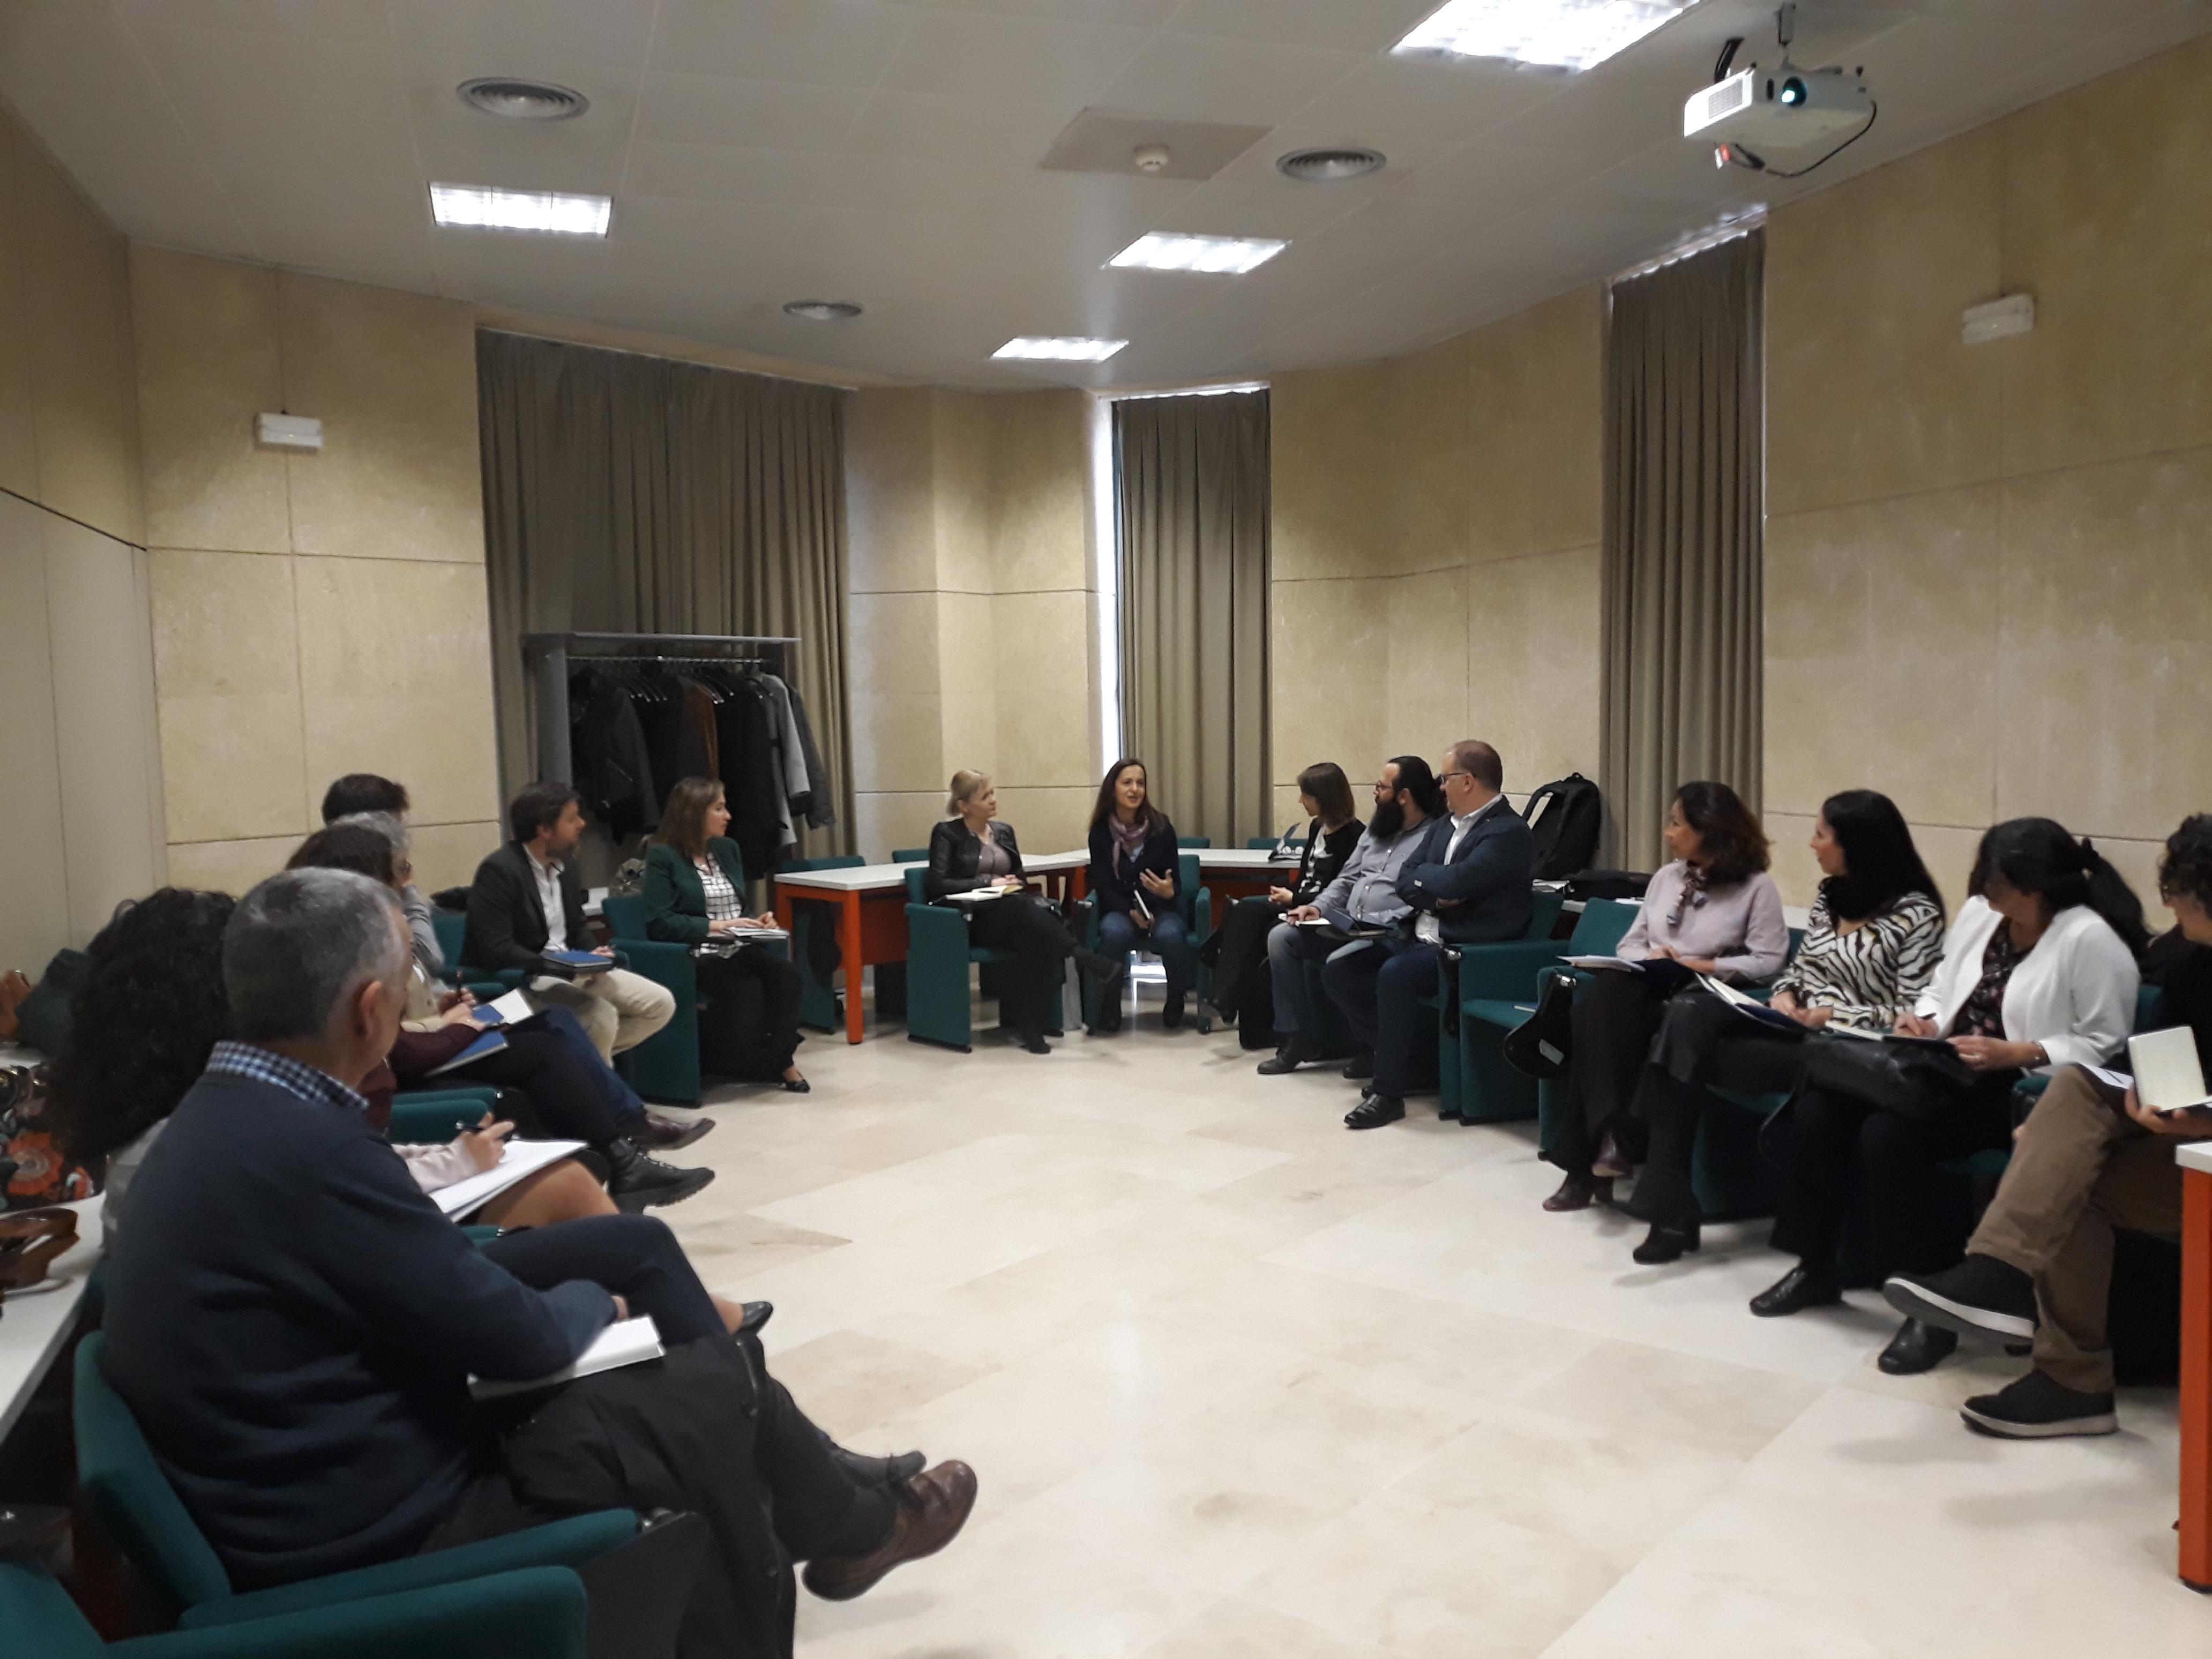 A la jornada asistieron una decena de responsables internacionales de centros Euraxess de seis países europeos: Bulgaria, Bosnia y Herzegovina, Chipre, Croacia, España y Luxemburgo